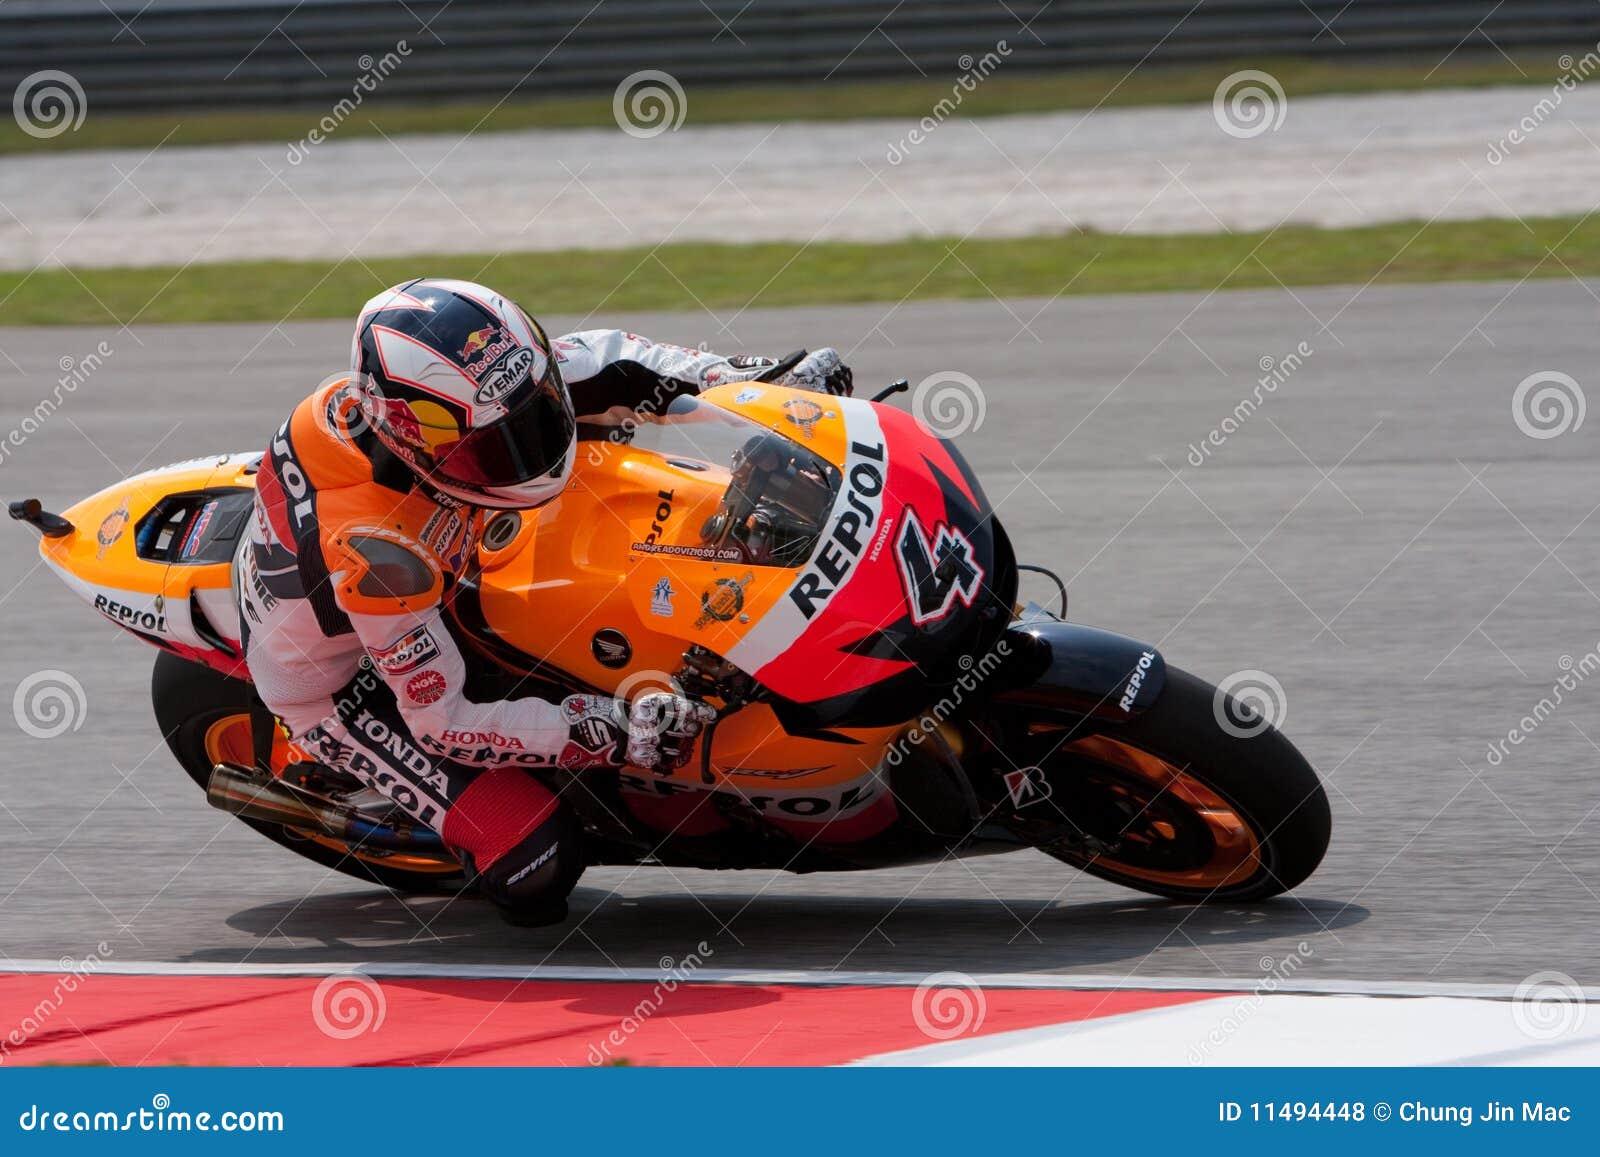 malaysian motogp Photo